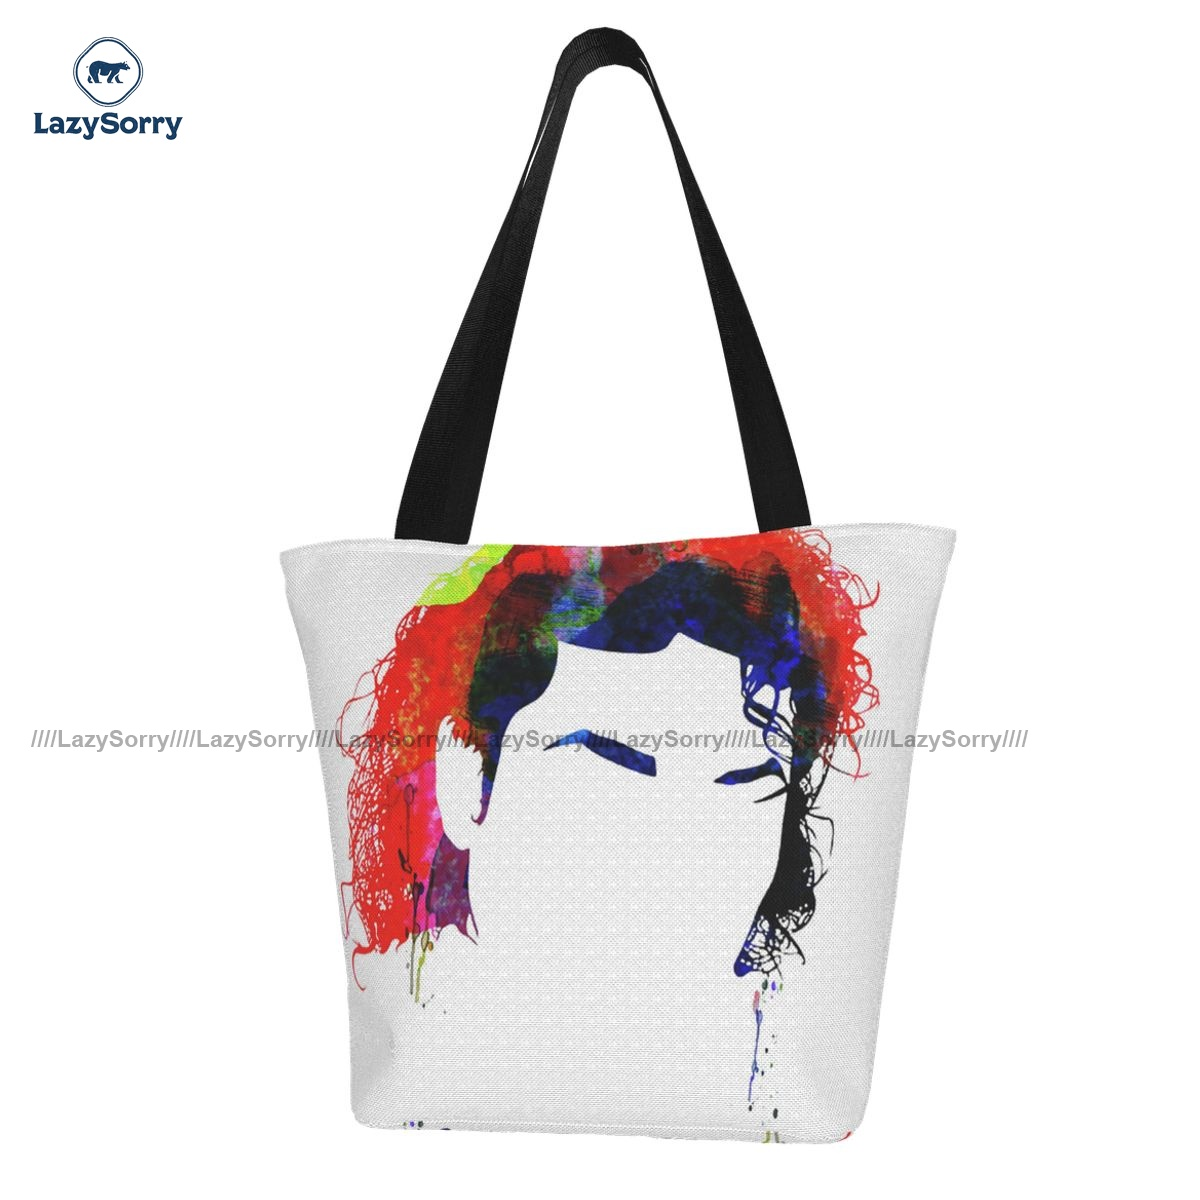 Michael Shopping Bag Work Student Handbag Gift Reusable Polyester Bags